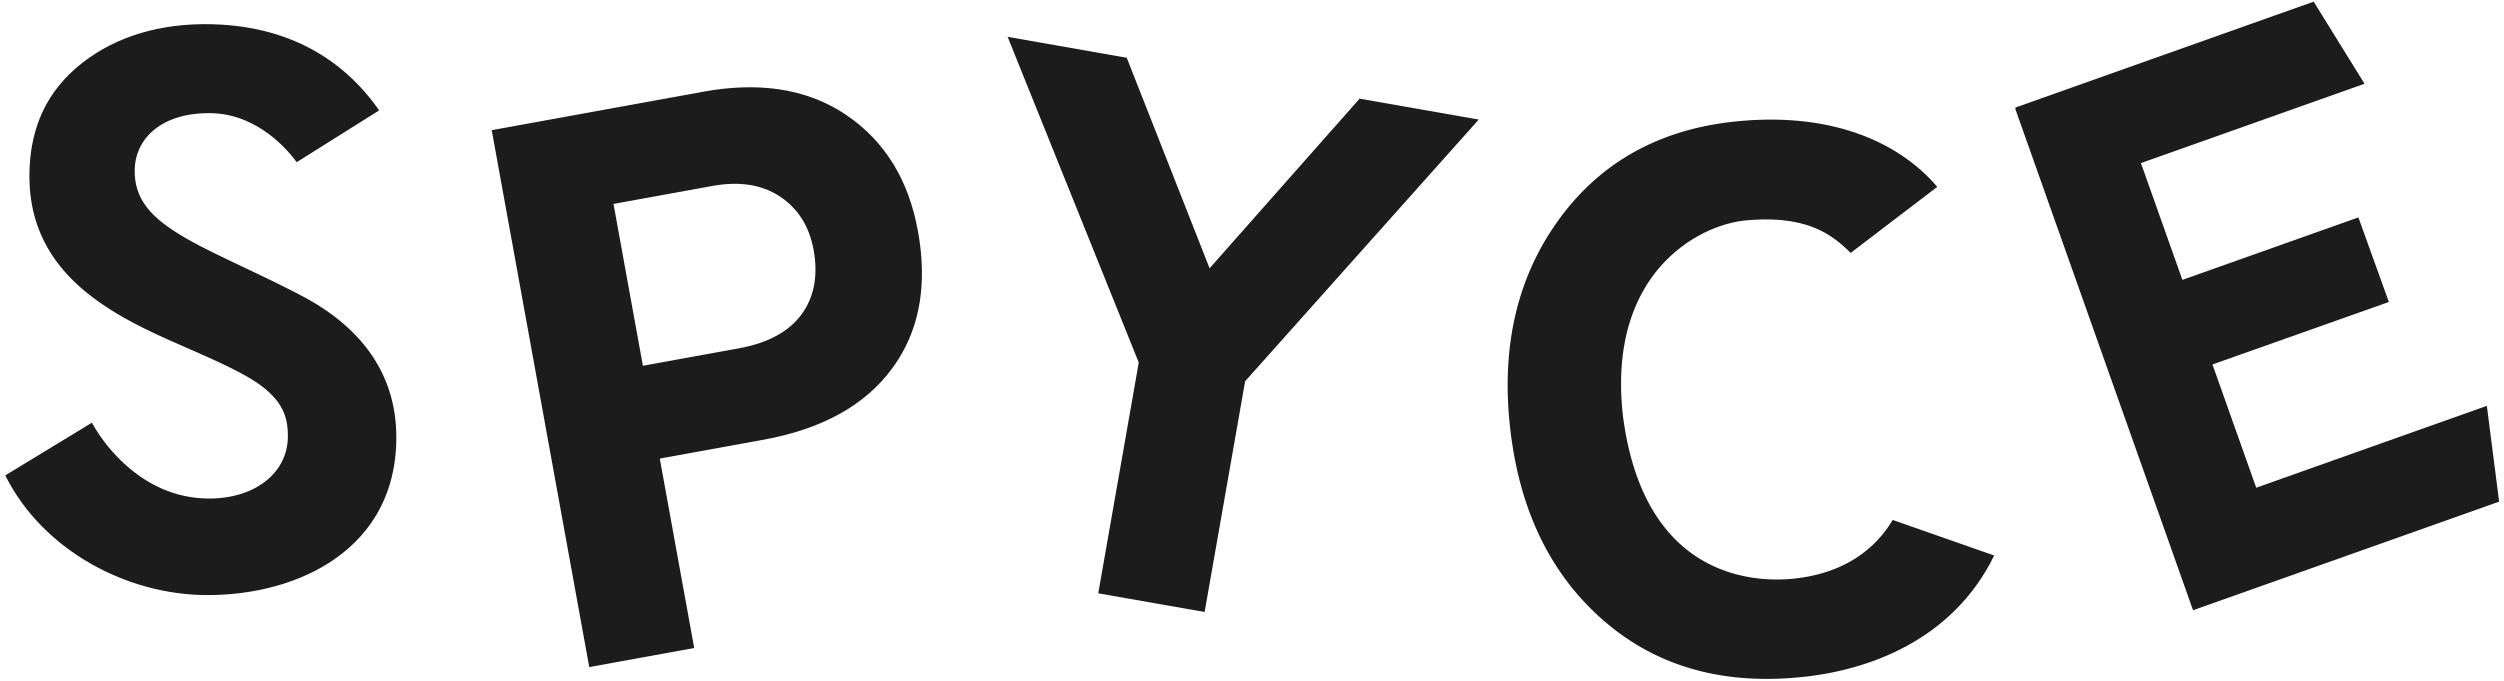 Spyce logo